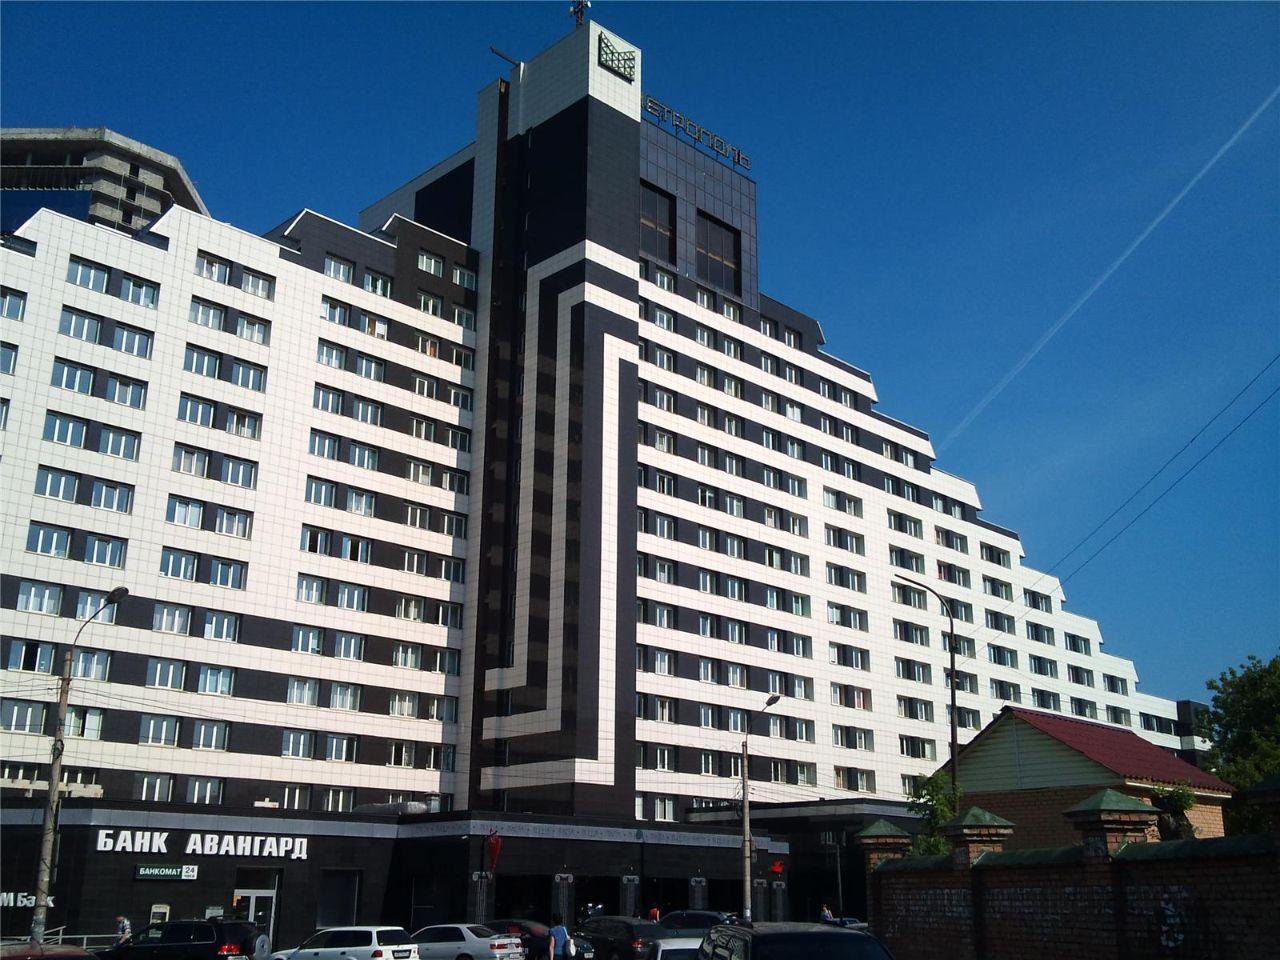 Коммерческая недвижимость новостройки красноярск снять в аренду офис Джанкойская улица